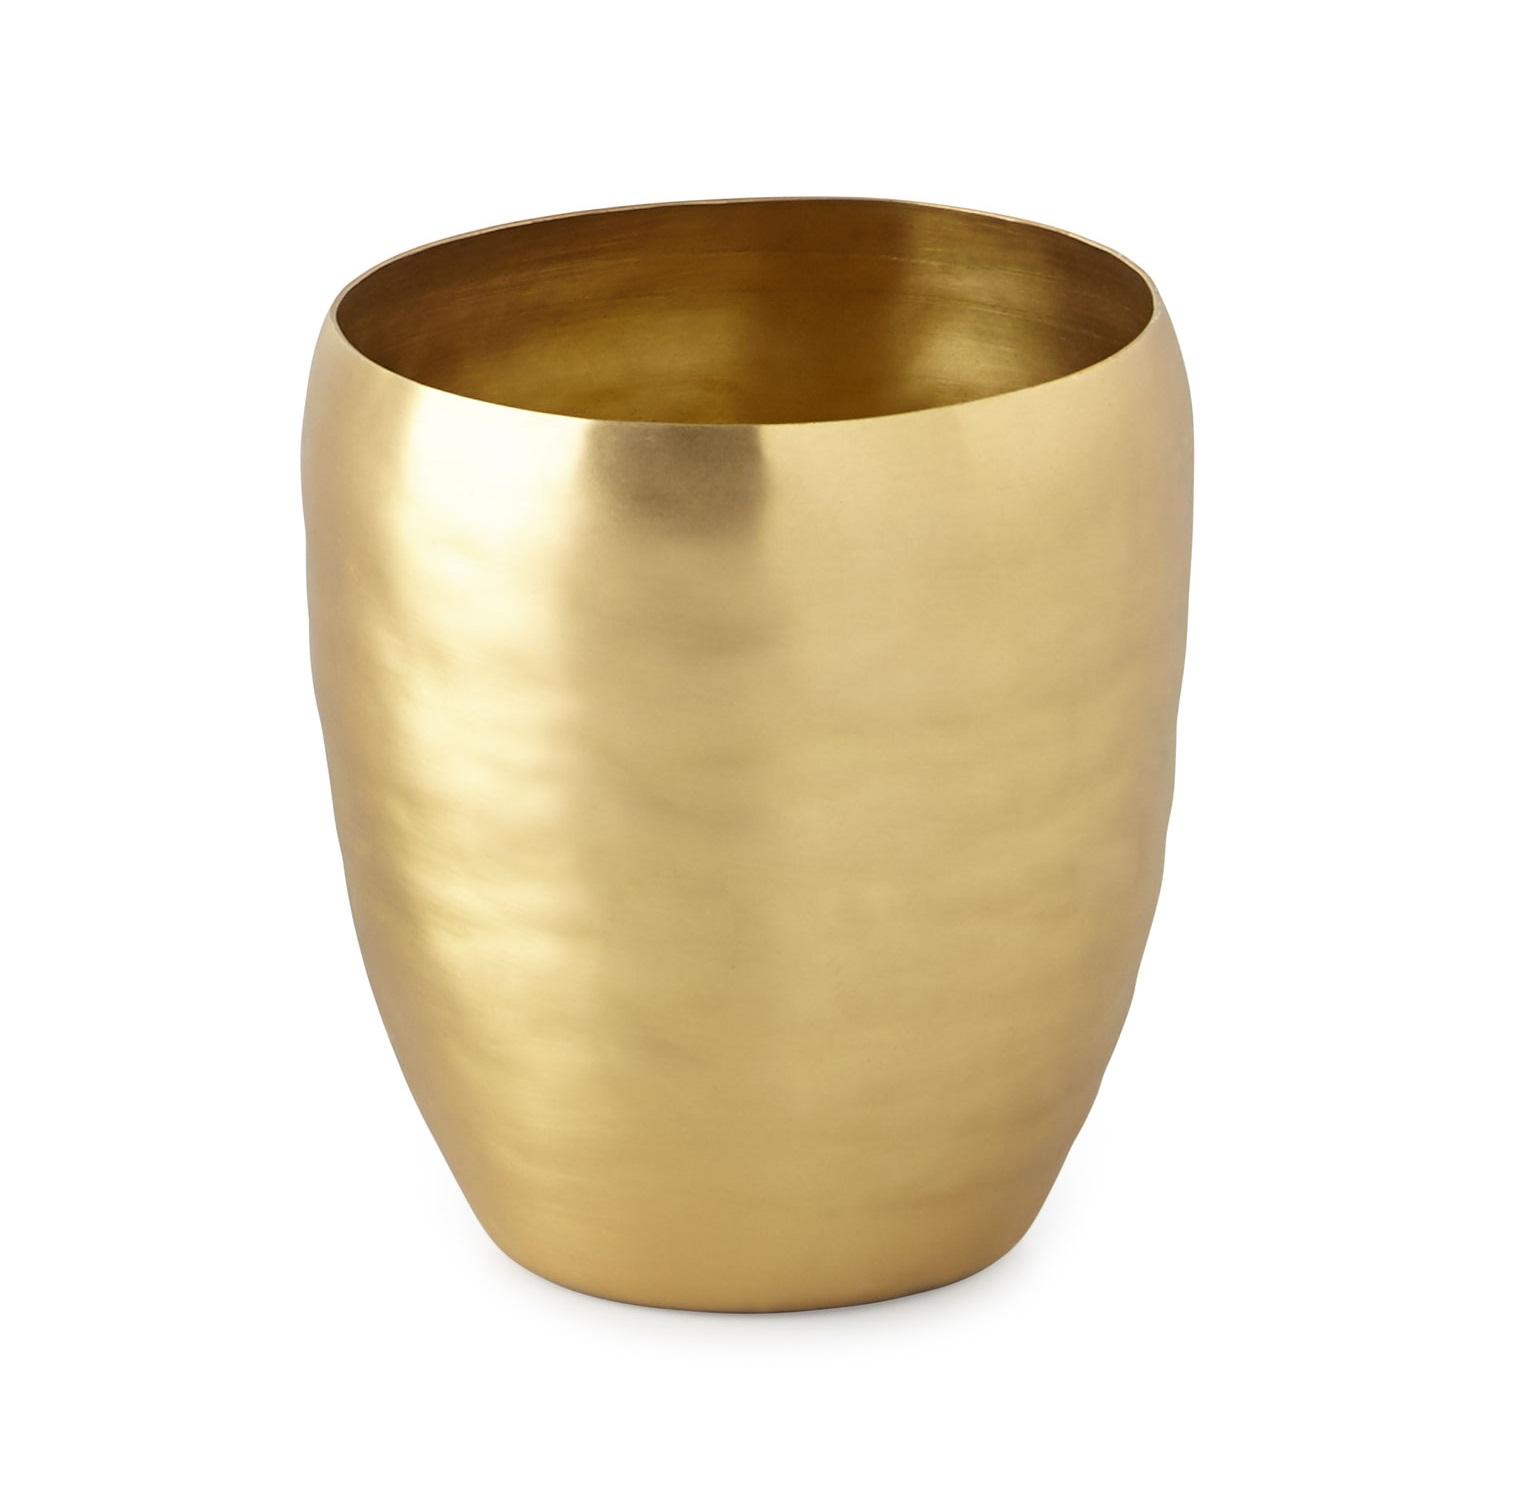 Стакан для ванной комнаты Kassatex Nile, ANL-T, золотойANL-TДобавив в интерьер ванной комнаты несколько стильных вещей, можно полностью преобразить ее облик и обновить дизайн. Эта коллекция для ванной изобилует разнообразными аксессуарами, которые способны создать новый образ или освежить старый. В любом случае, с ними ваше пространство засияет новыми красками. Строгие и одновременно изящные линии, тонкое чувство стиля, отменное качество исполнения рождает продукты, которые выдержат испытание временем.